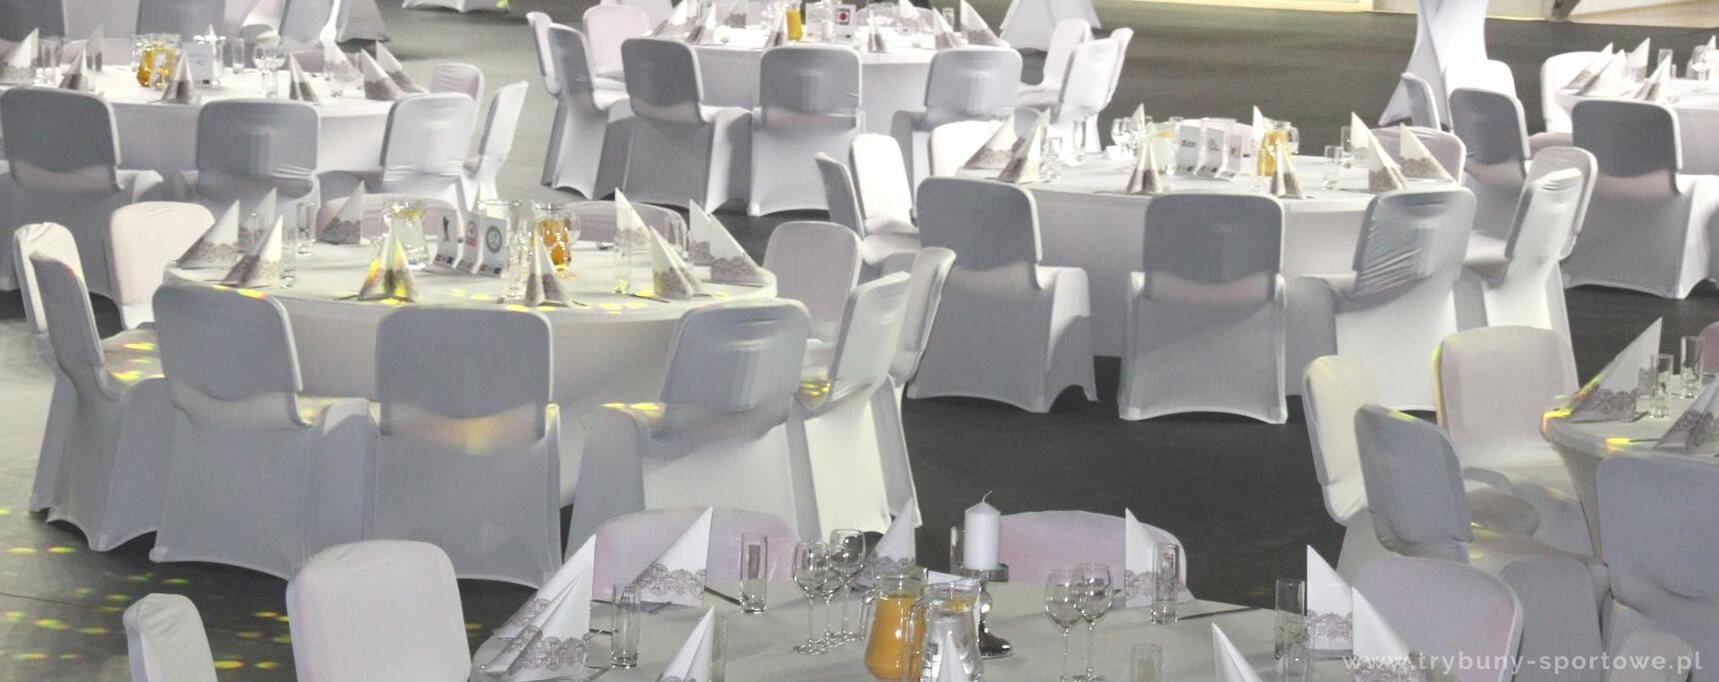 Wynajem krzeseł - stołów - trybuny-sportowe - pl